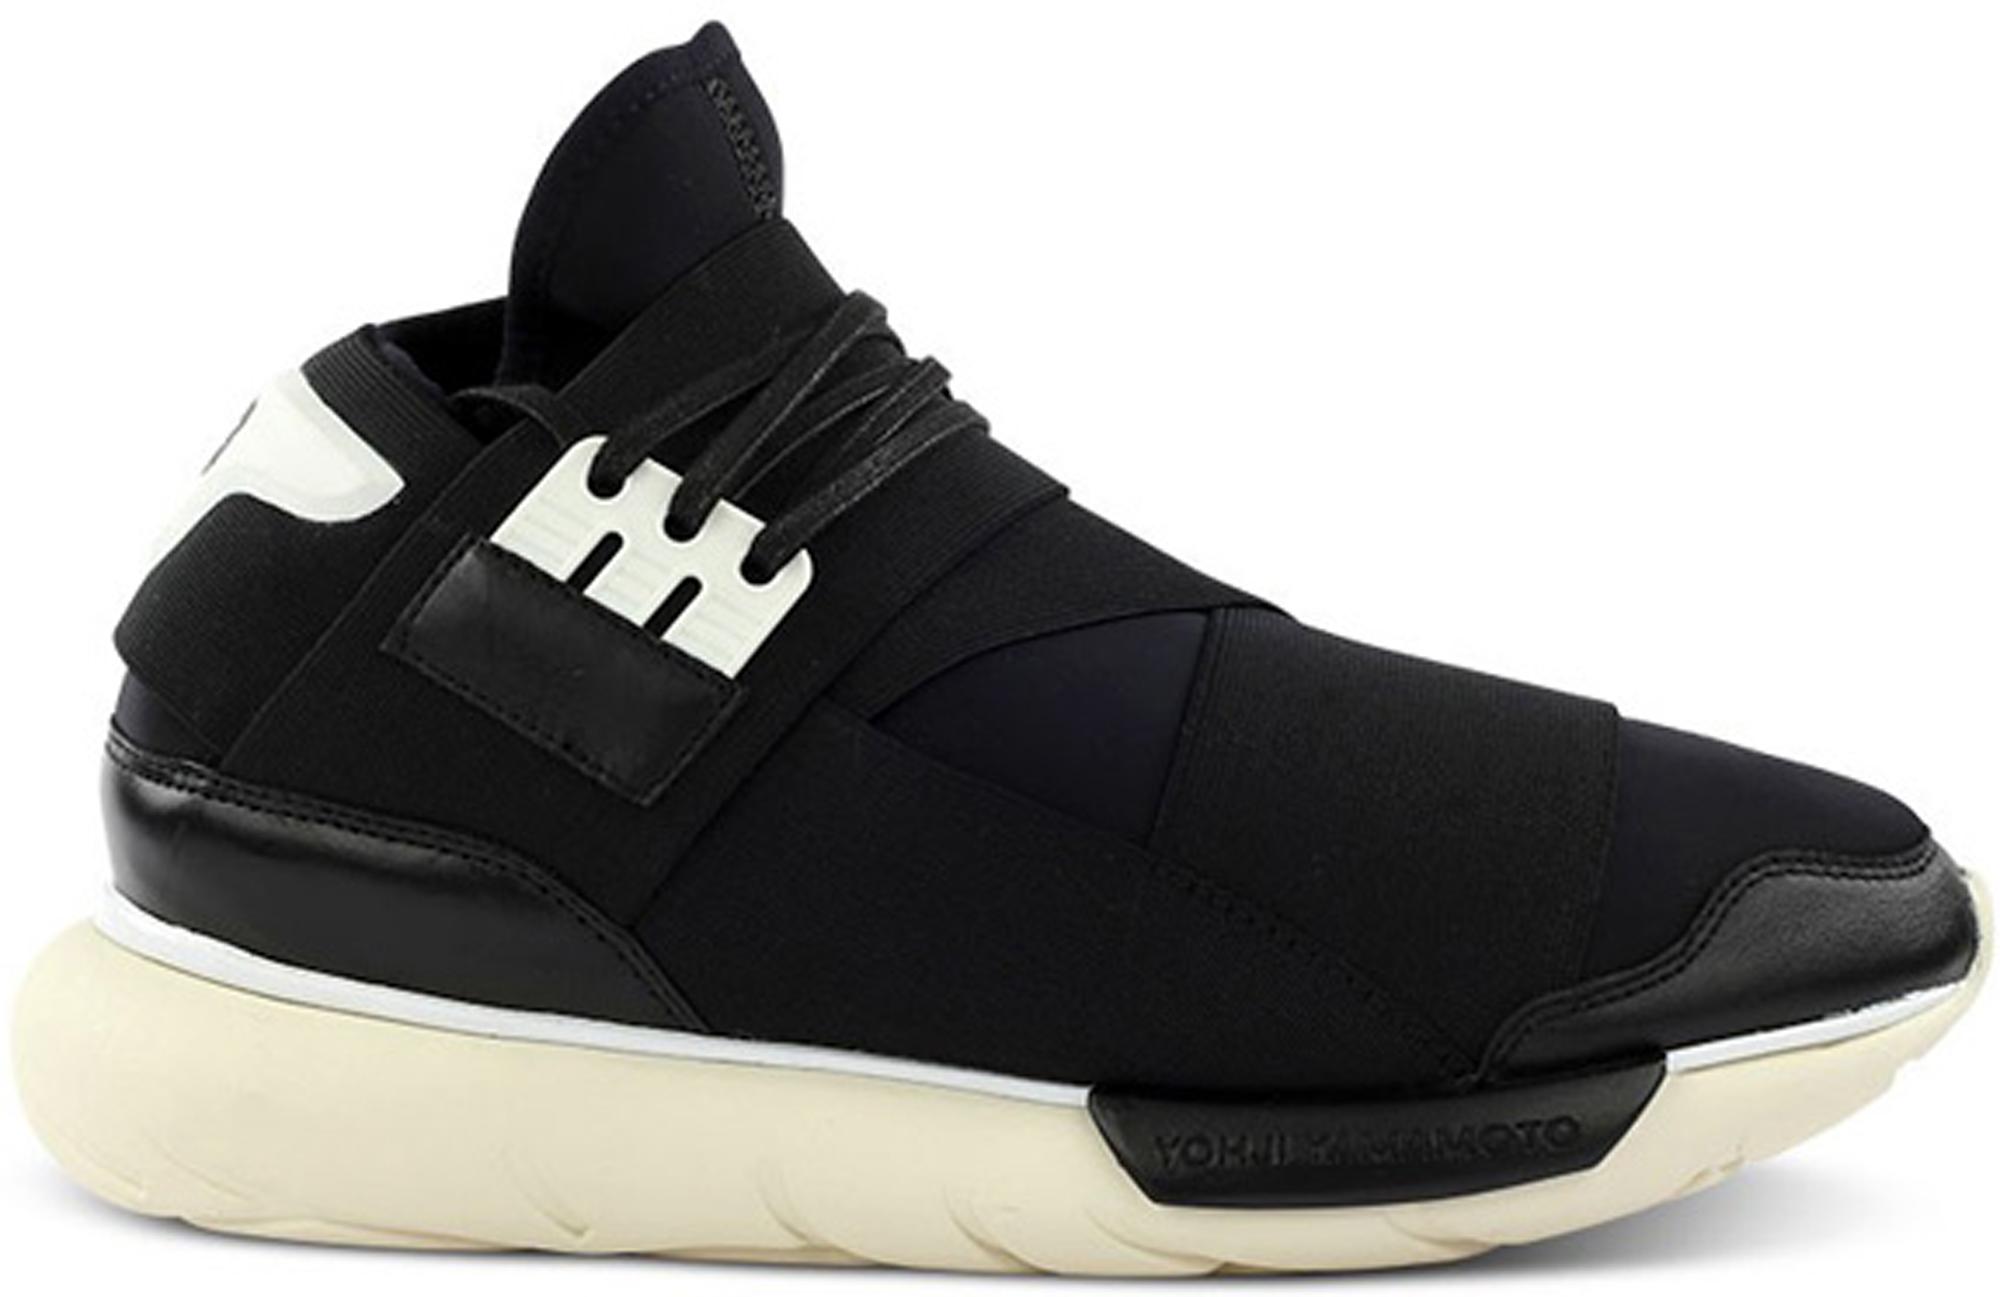 adidas Y-3 Qasa High Black Cream